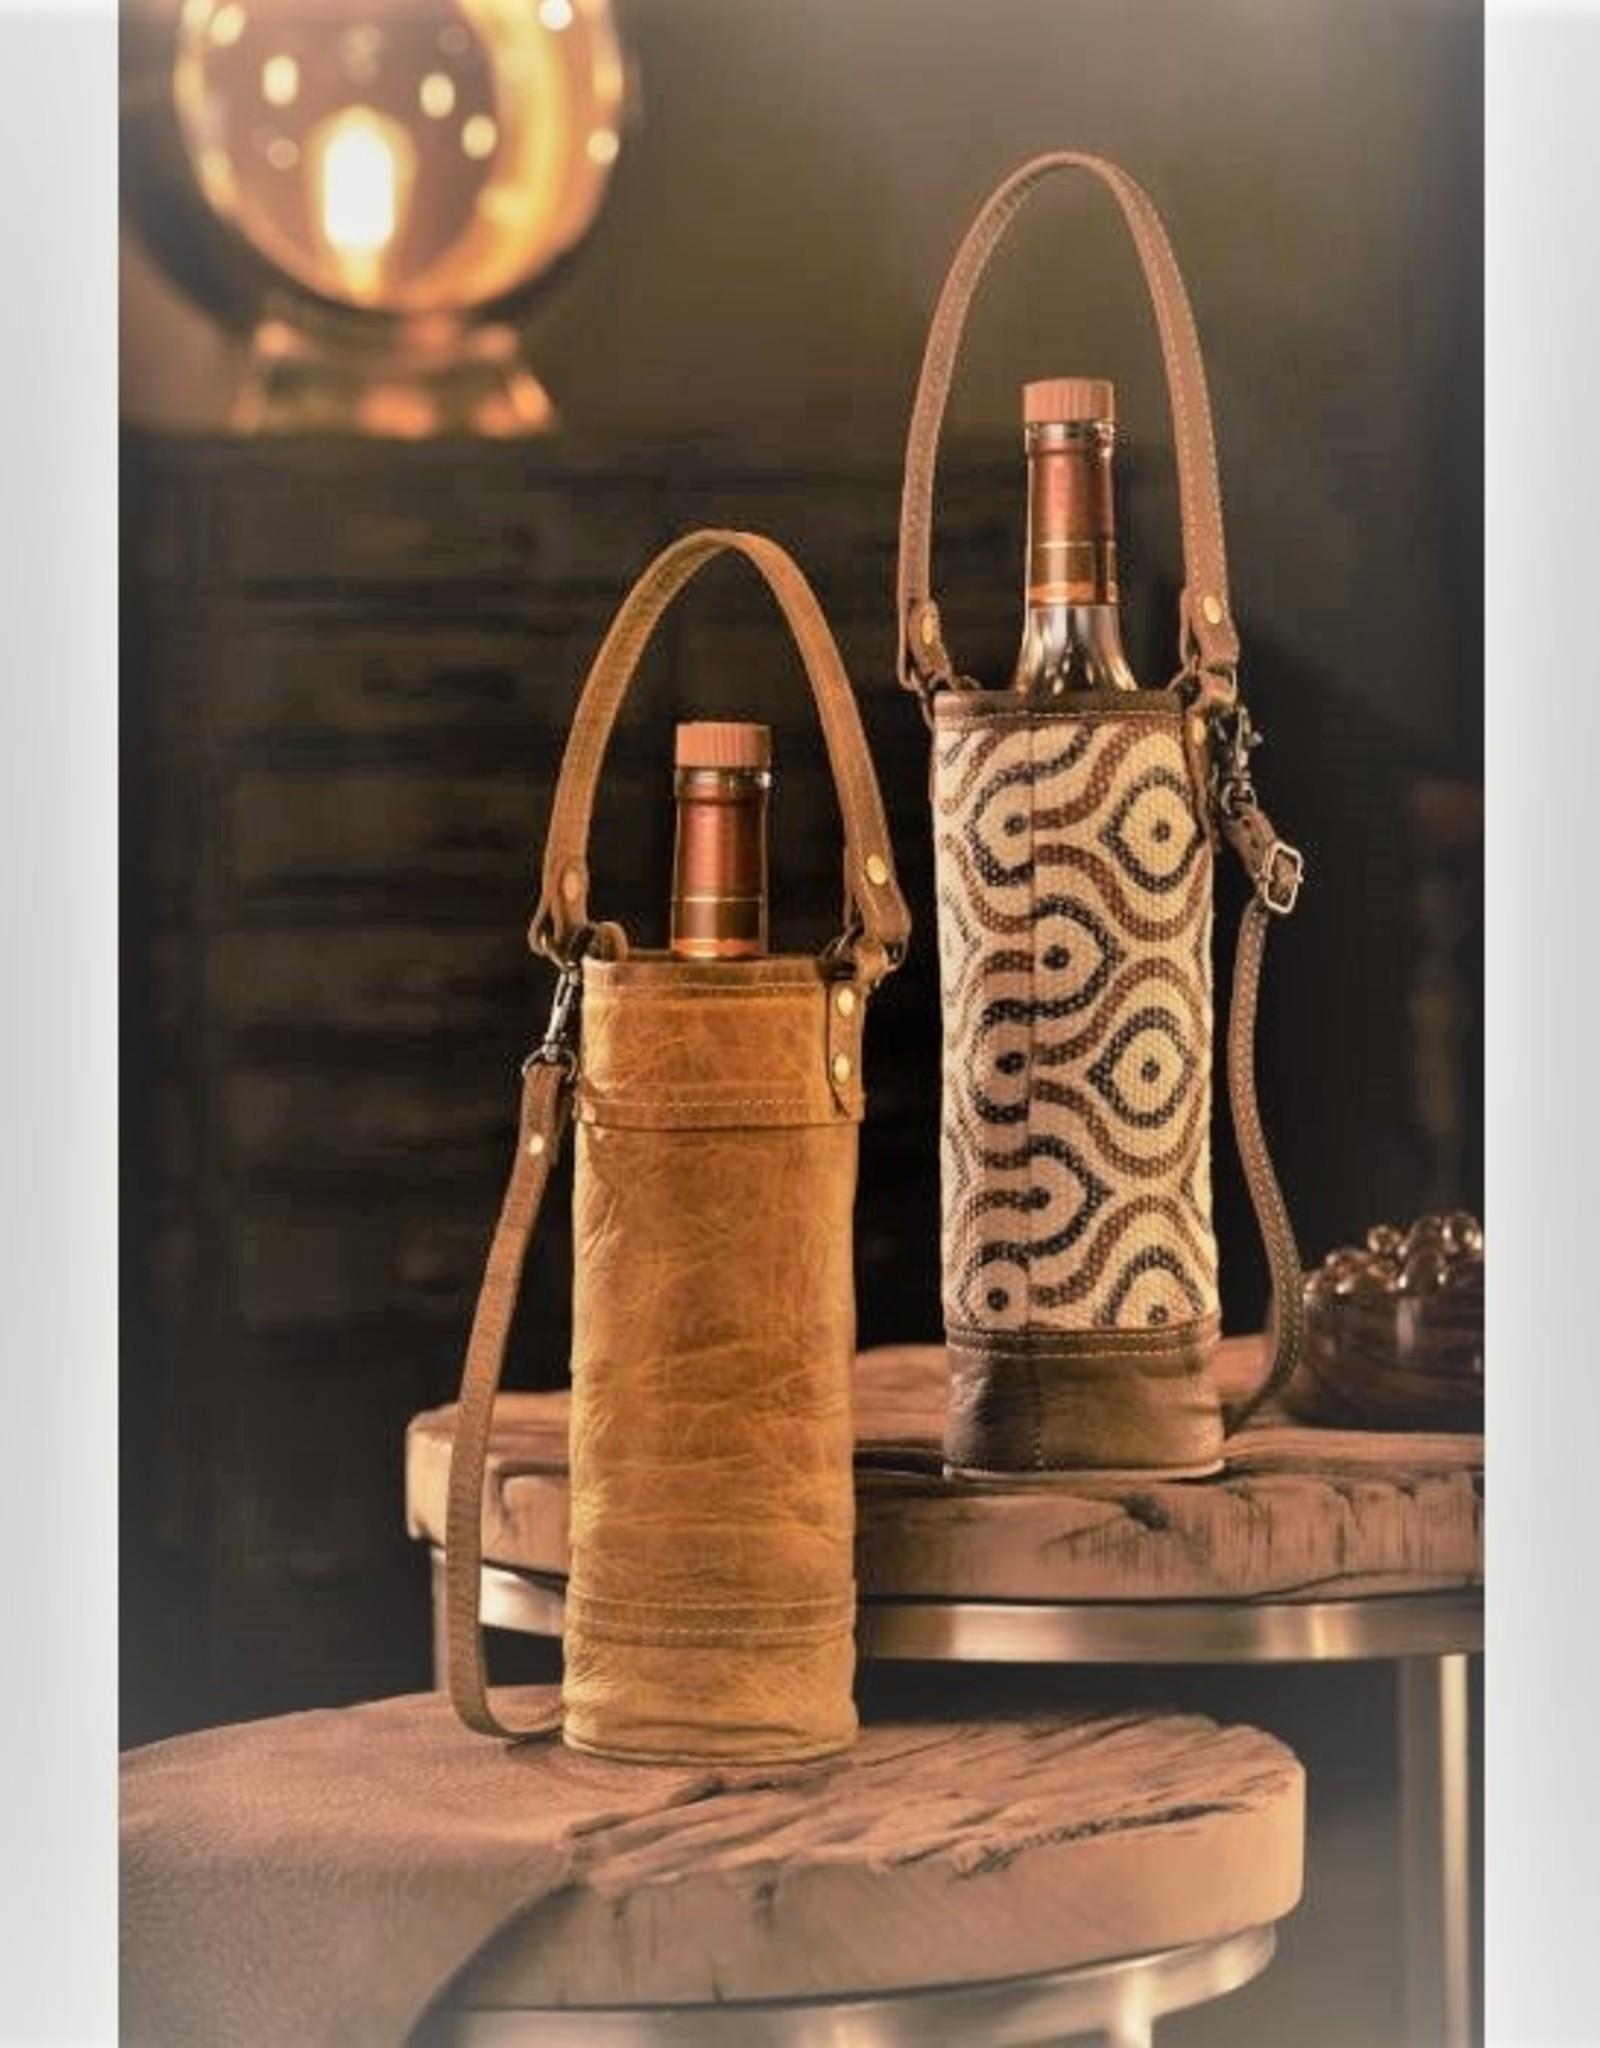 Myra Bag Artisan Woven Wine Bags